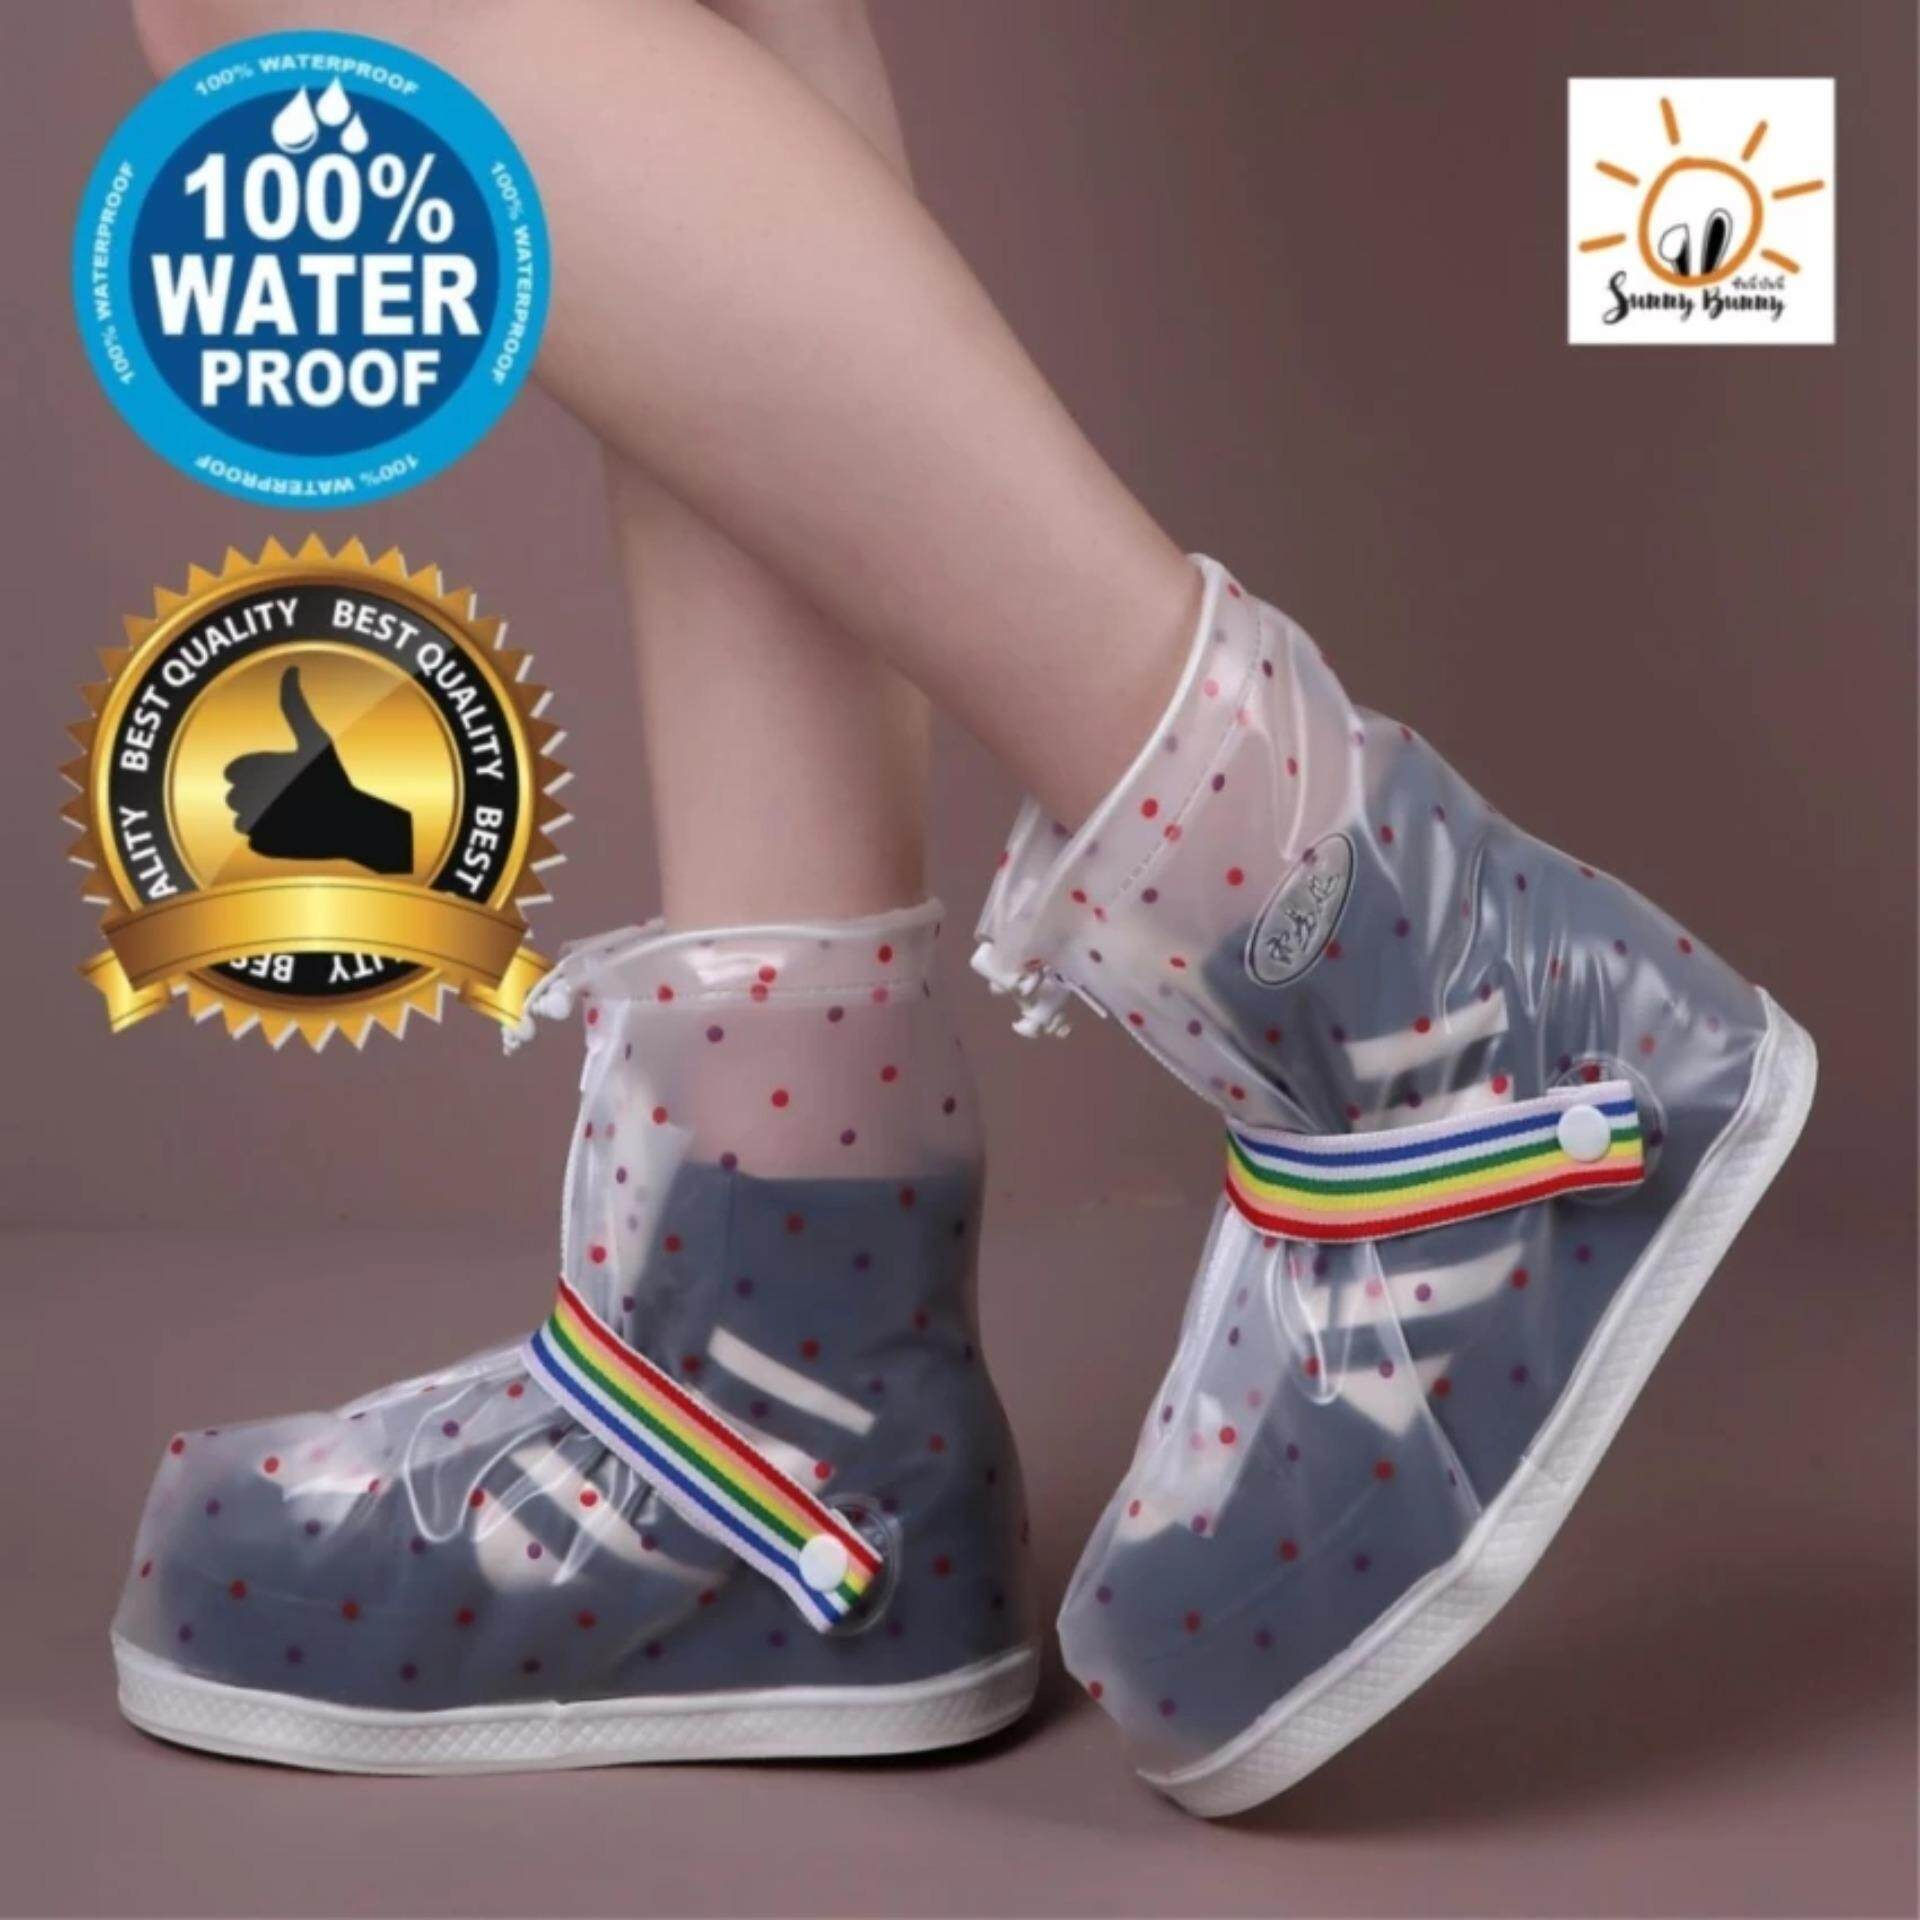 Sunnybunny ถุงคลุมรองเท้ากันน้ำ กันฝน ลายจุด H 352 เป็นต้นฉบับ